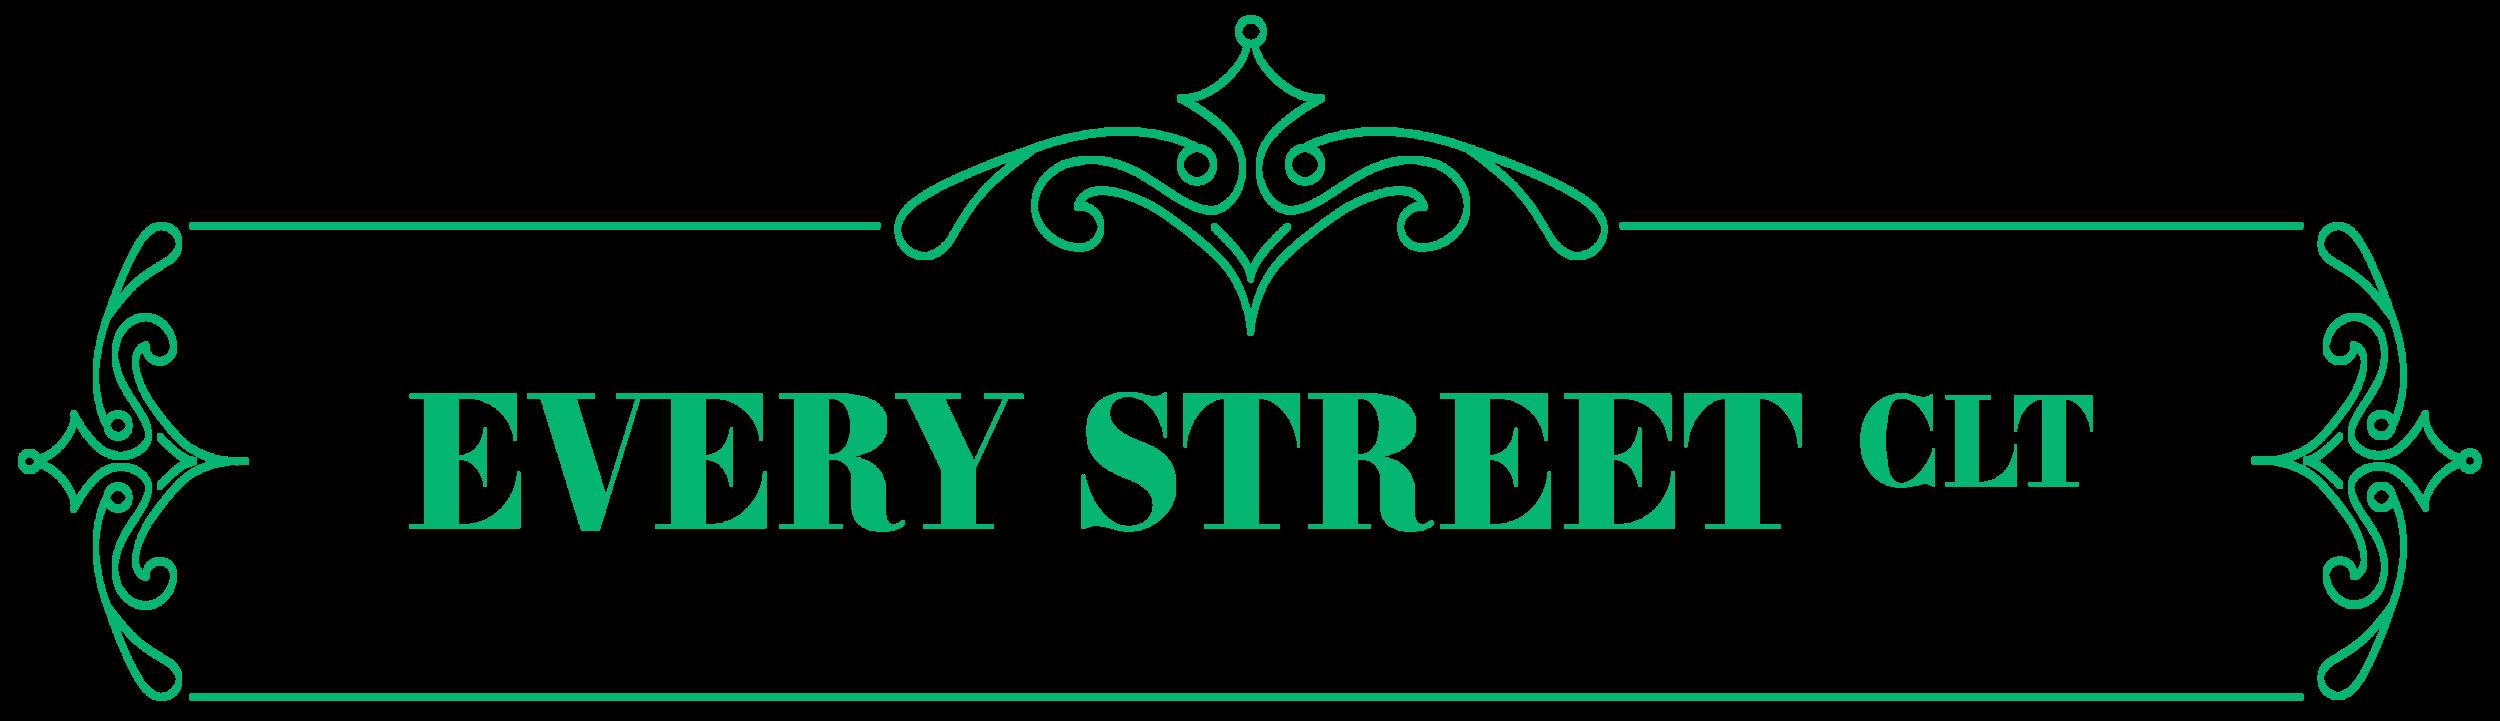 The final street sign logo.